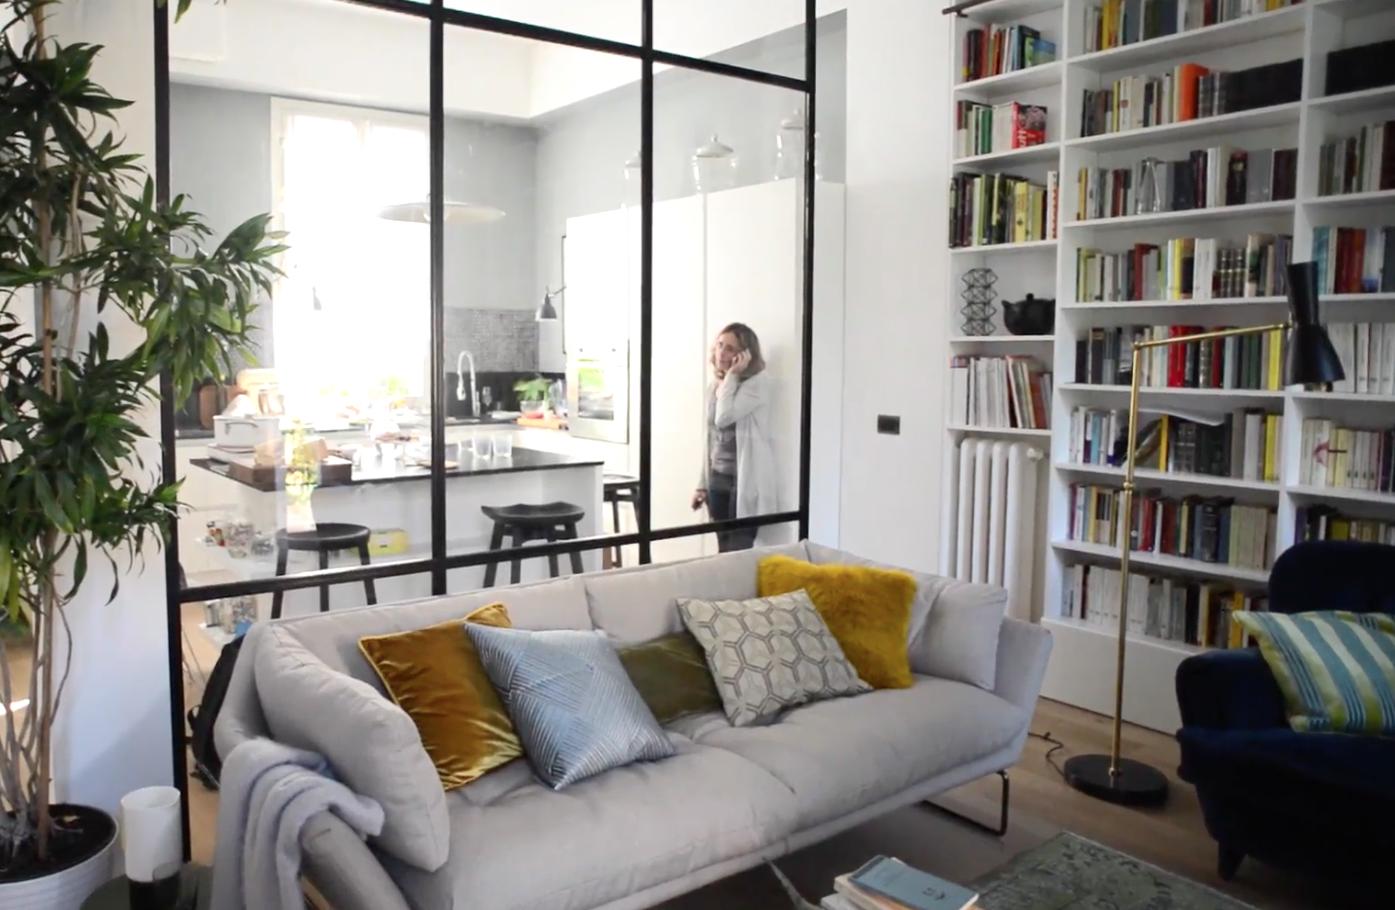 Prima dopo l 39 open space con la parete vetrata casafacile - Cucina sala open space ...